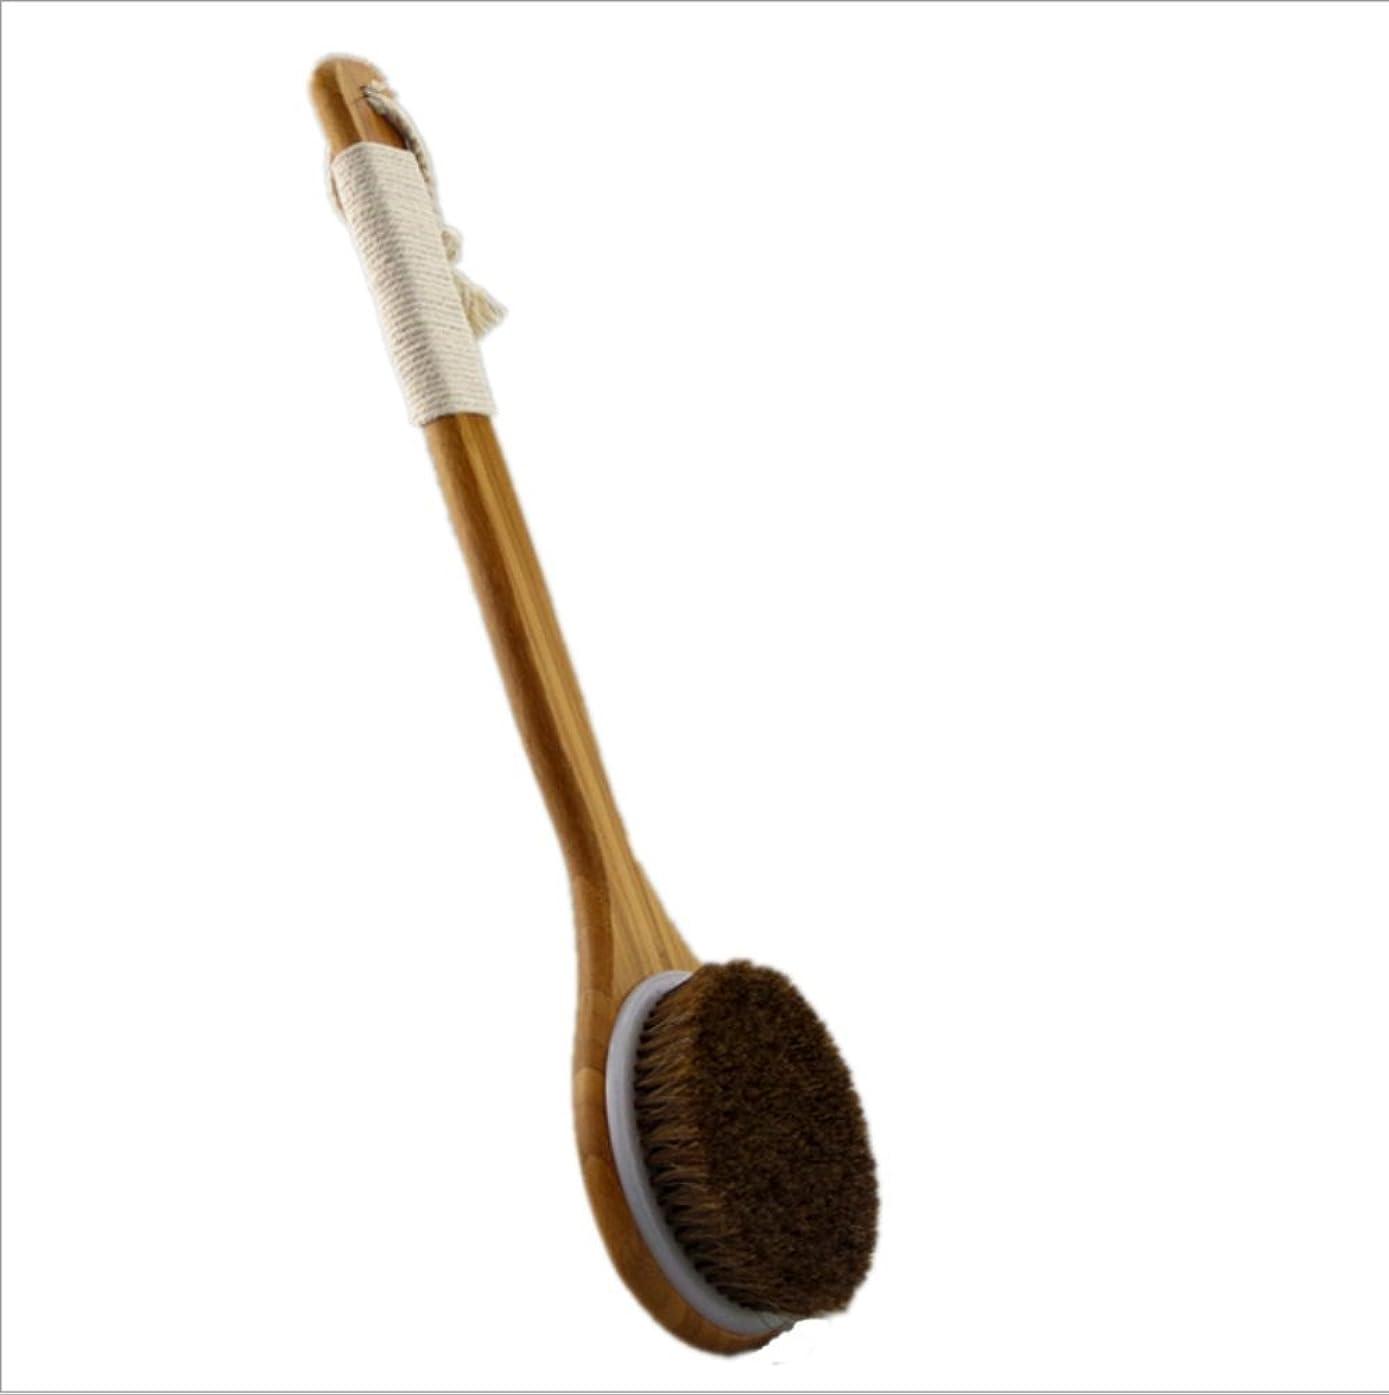 ハシーフィードバック検索エンジンマーケティングBigmind 100%天然高級な馬毛ボディブラシ あかすり 竹製長柄 体洗い/背中ブラシ お風呂